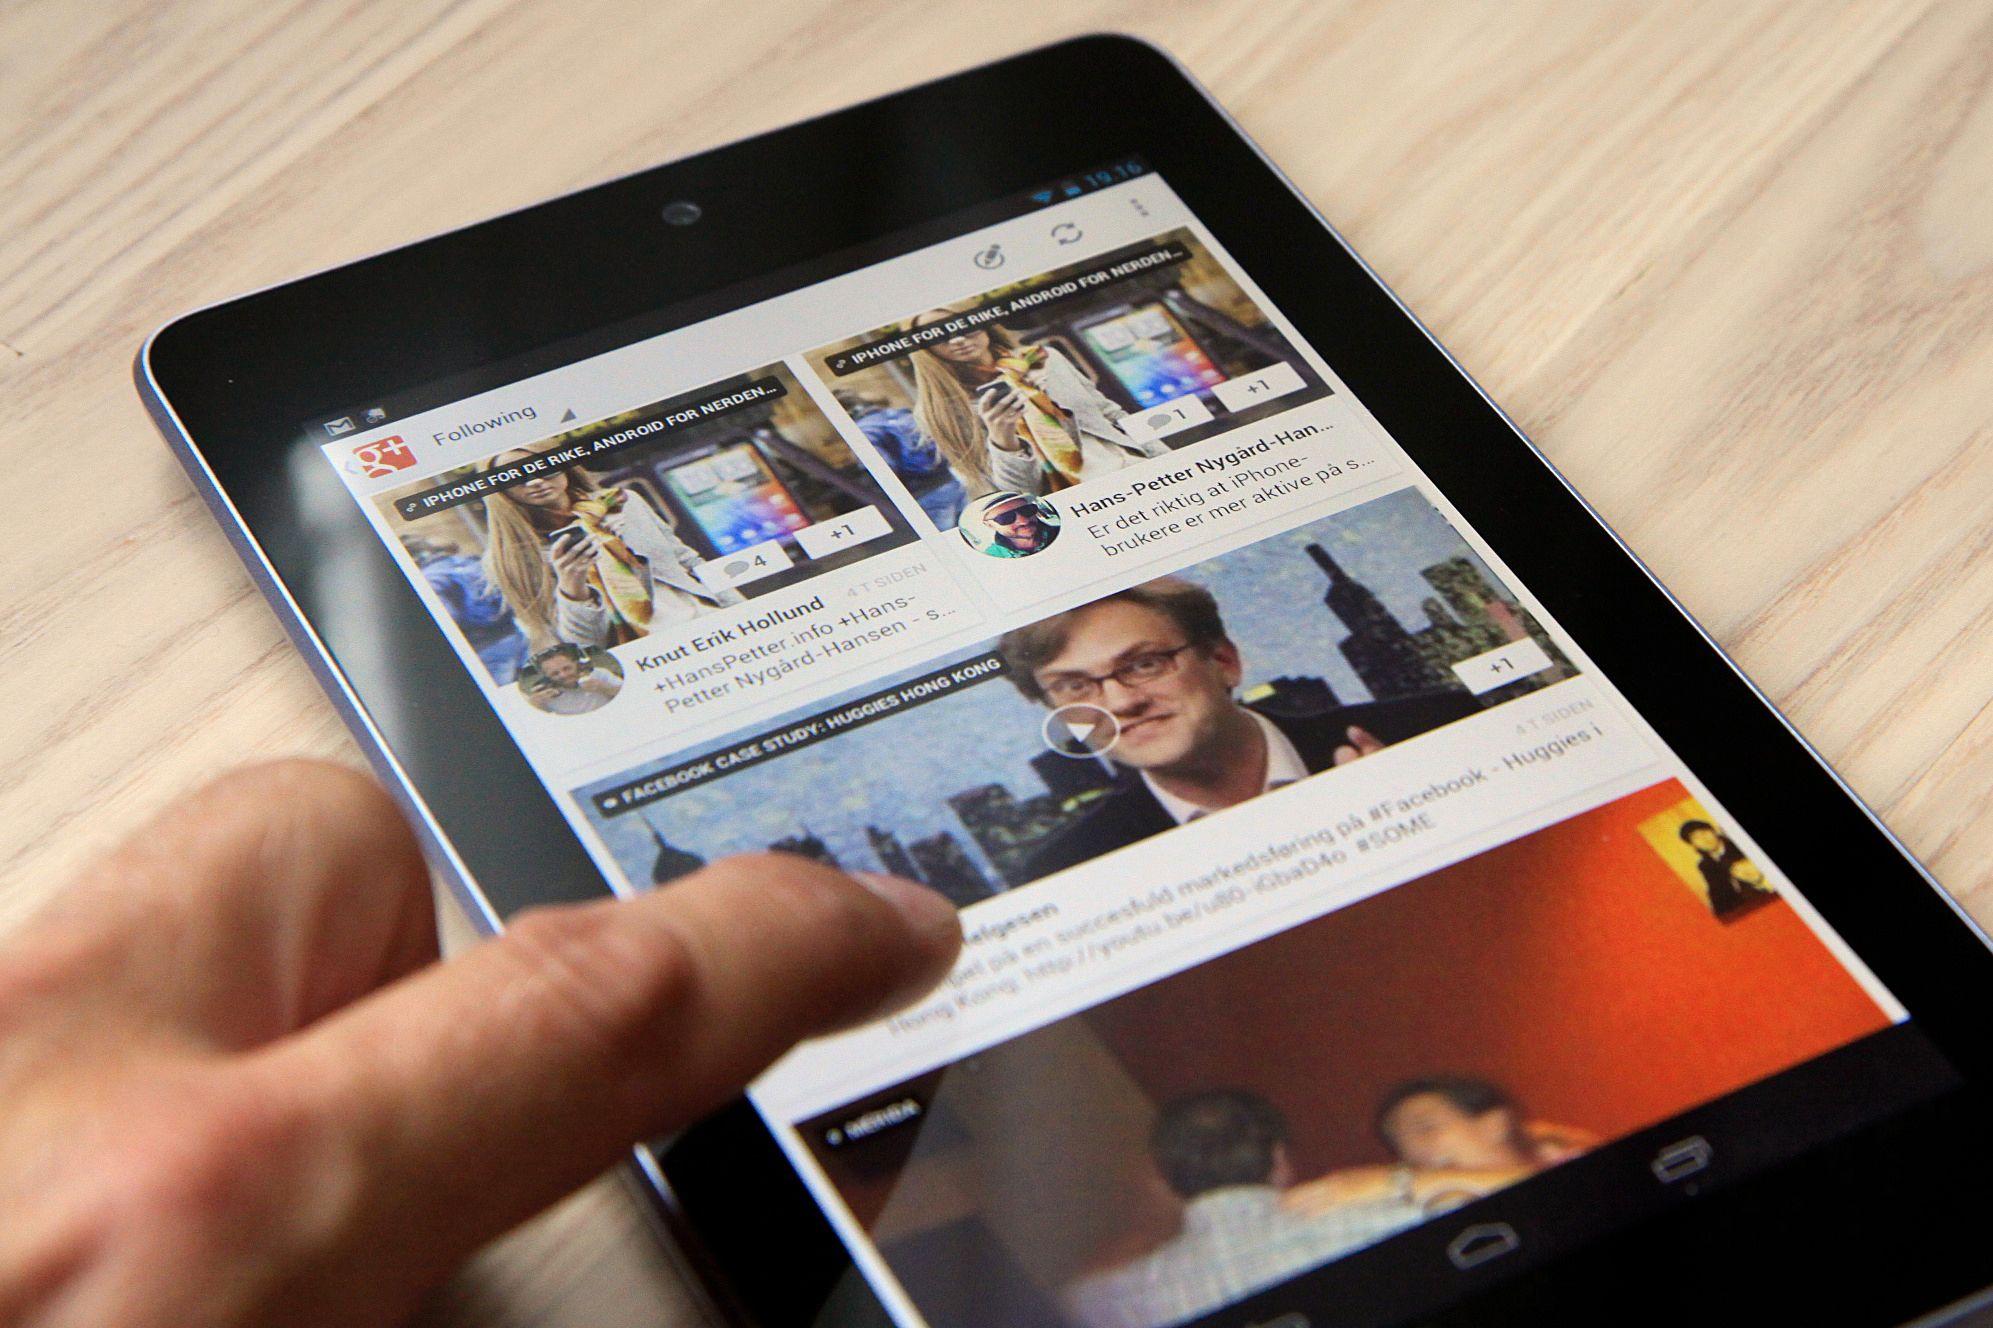 Samsung vil antakeligvis slippe et helt nytt nettbrett, mens Asus er ventet å slippe Nexus 7 med større lagringsplass og støtte for SIM-kort.Foto: Kurt Lekanger, Amobil.no